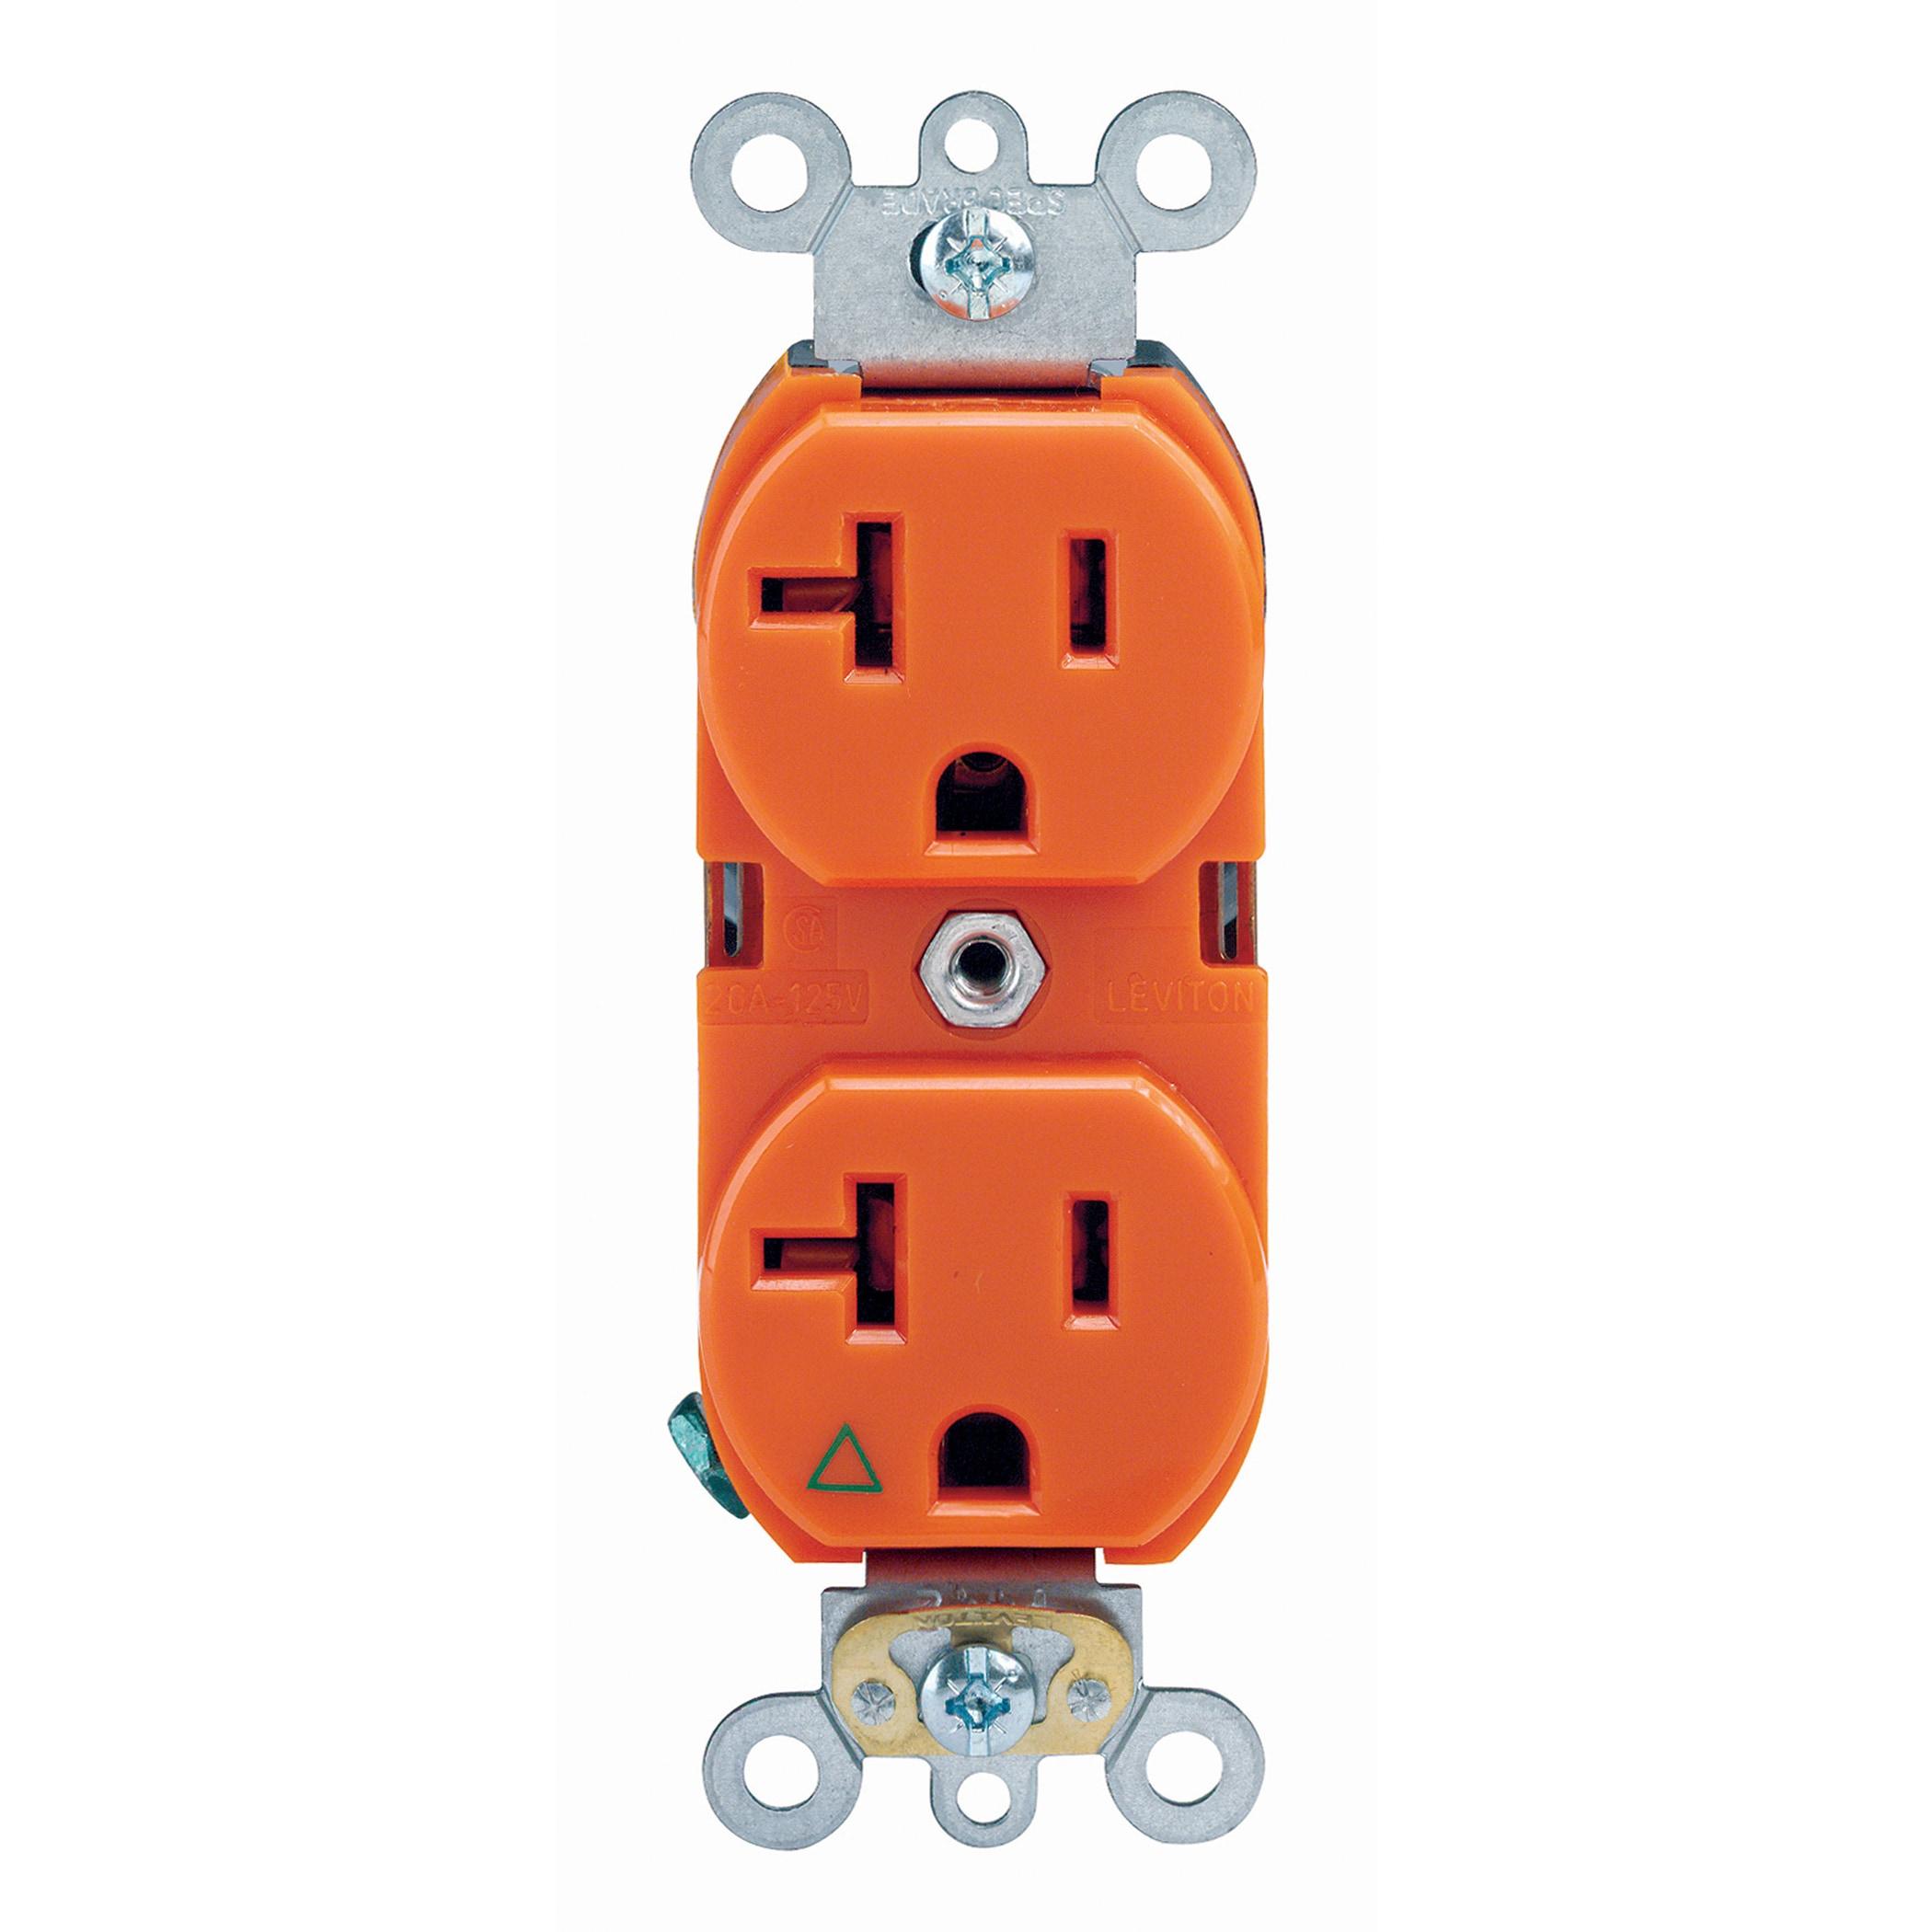 Leviton 285-05362-0IG 125 Volt Orange Duplex Receptacle (...